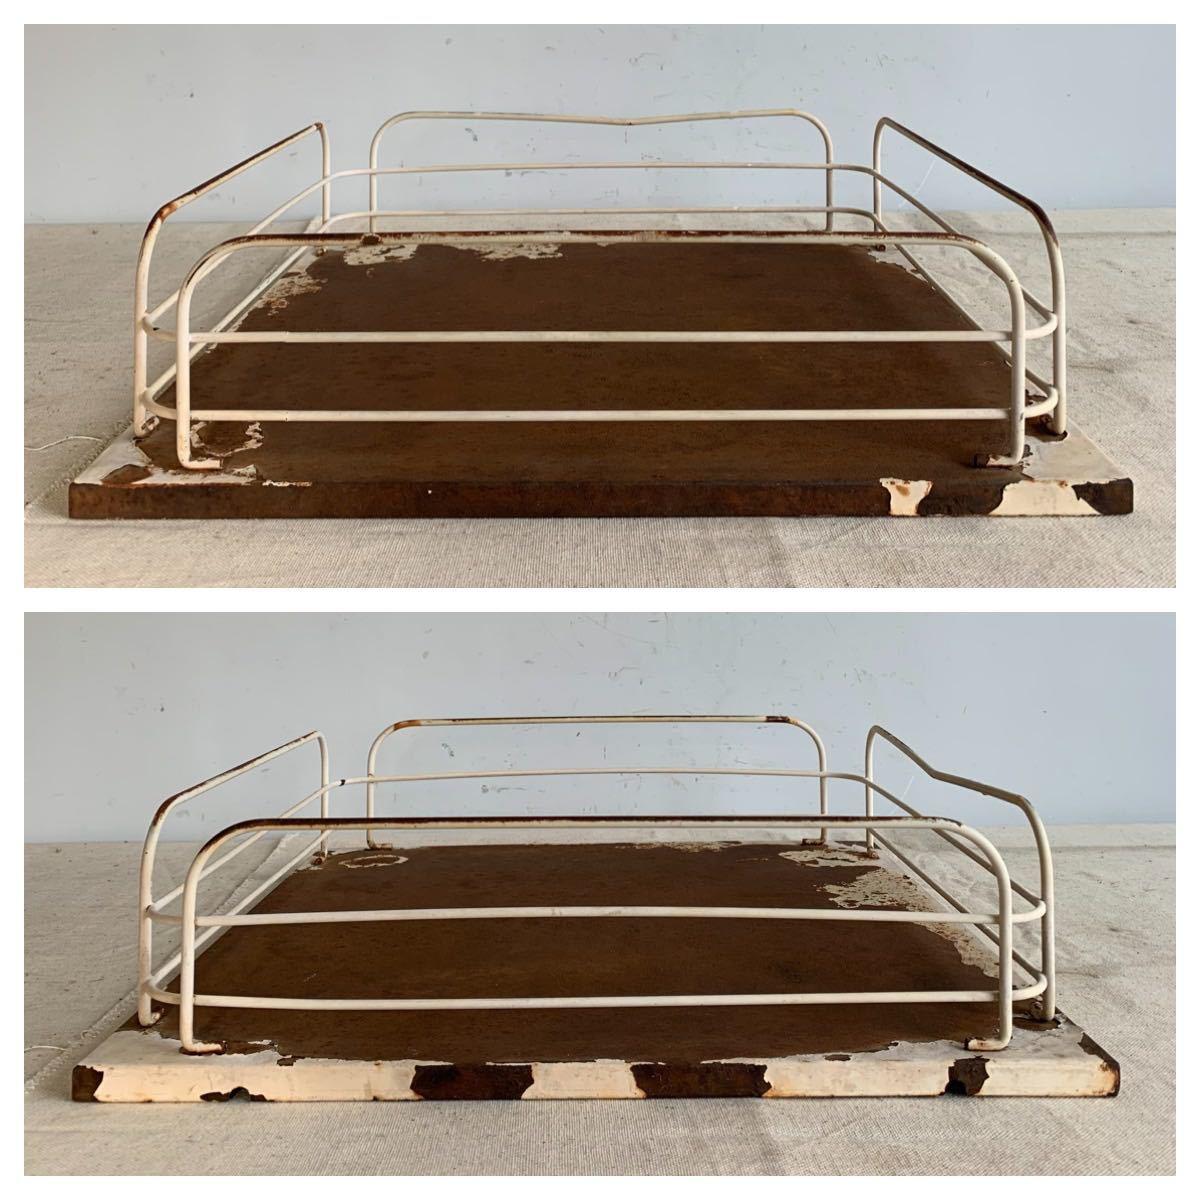 デザインが素敵な鉄製展示台 アイアンインテリアディスプレイ古道具シャビーアンティークビンテージインダストリアル工業系店舗什器陳列棚_画像3